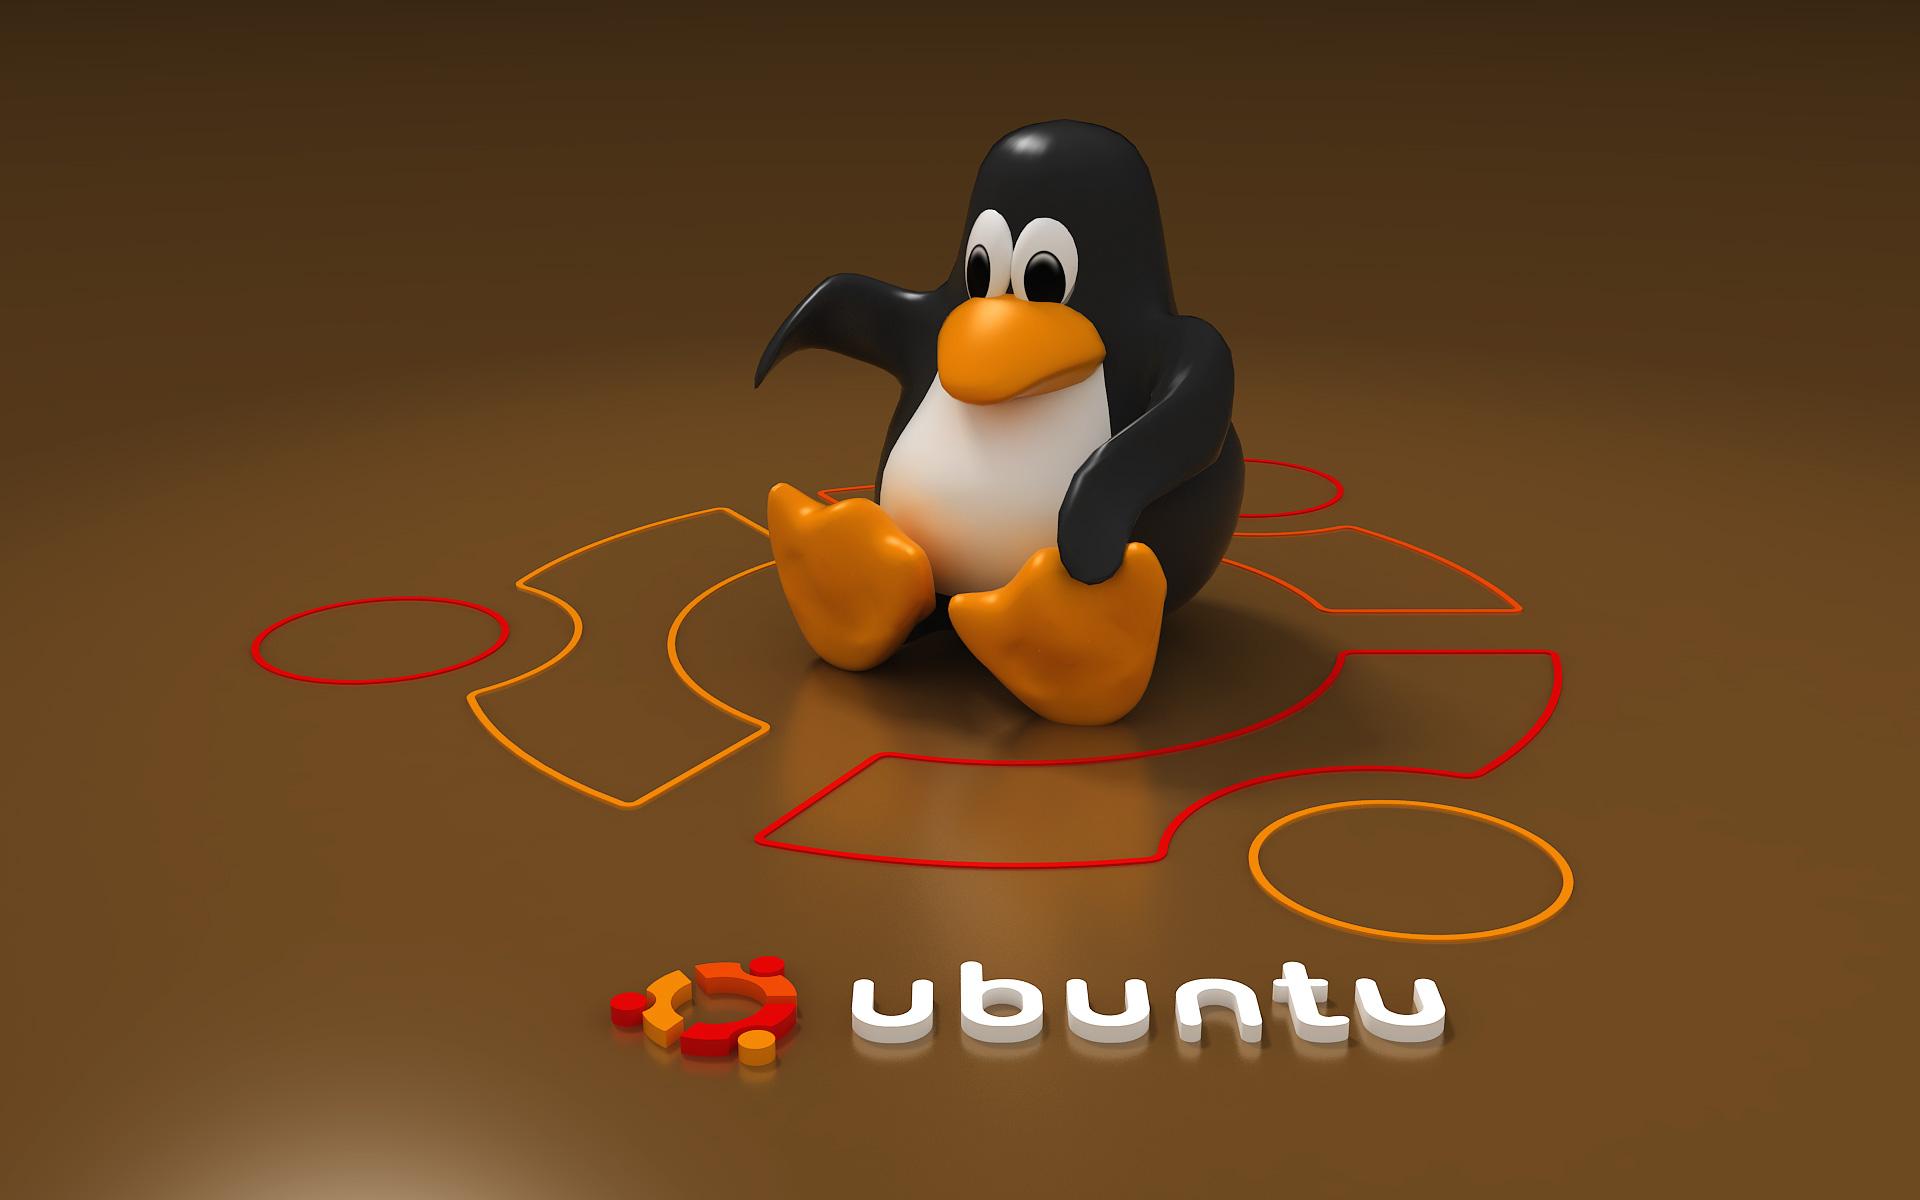 ubuntu & Tux